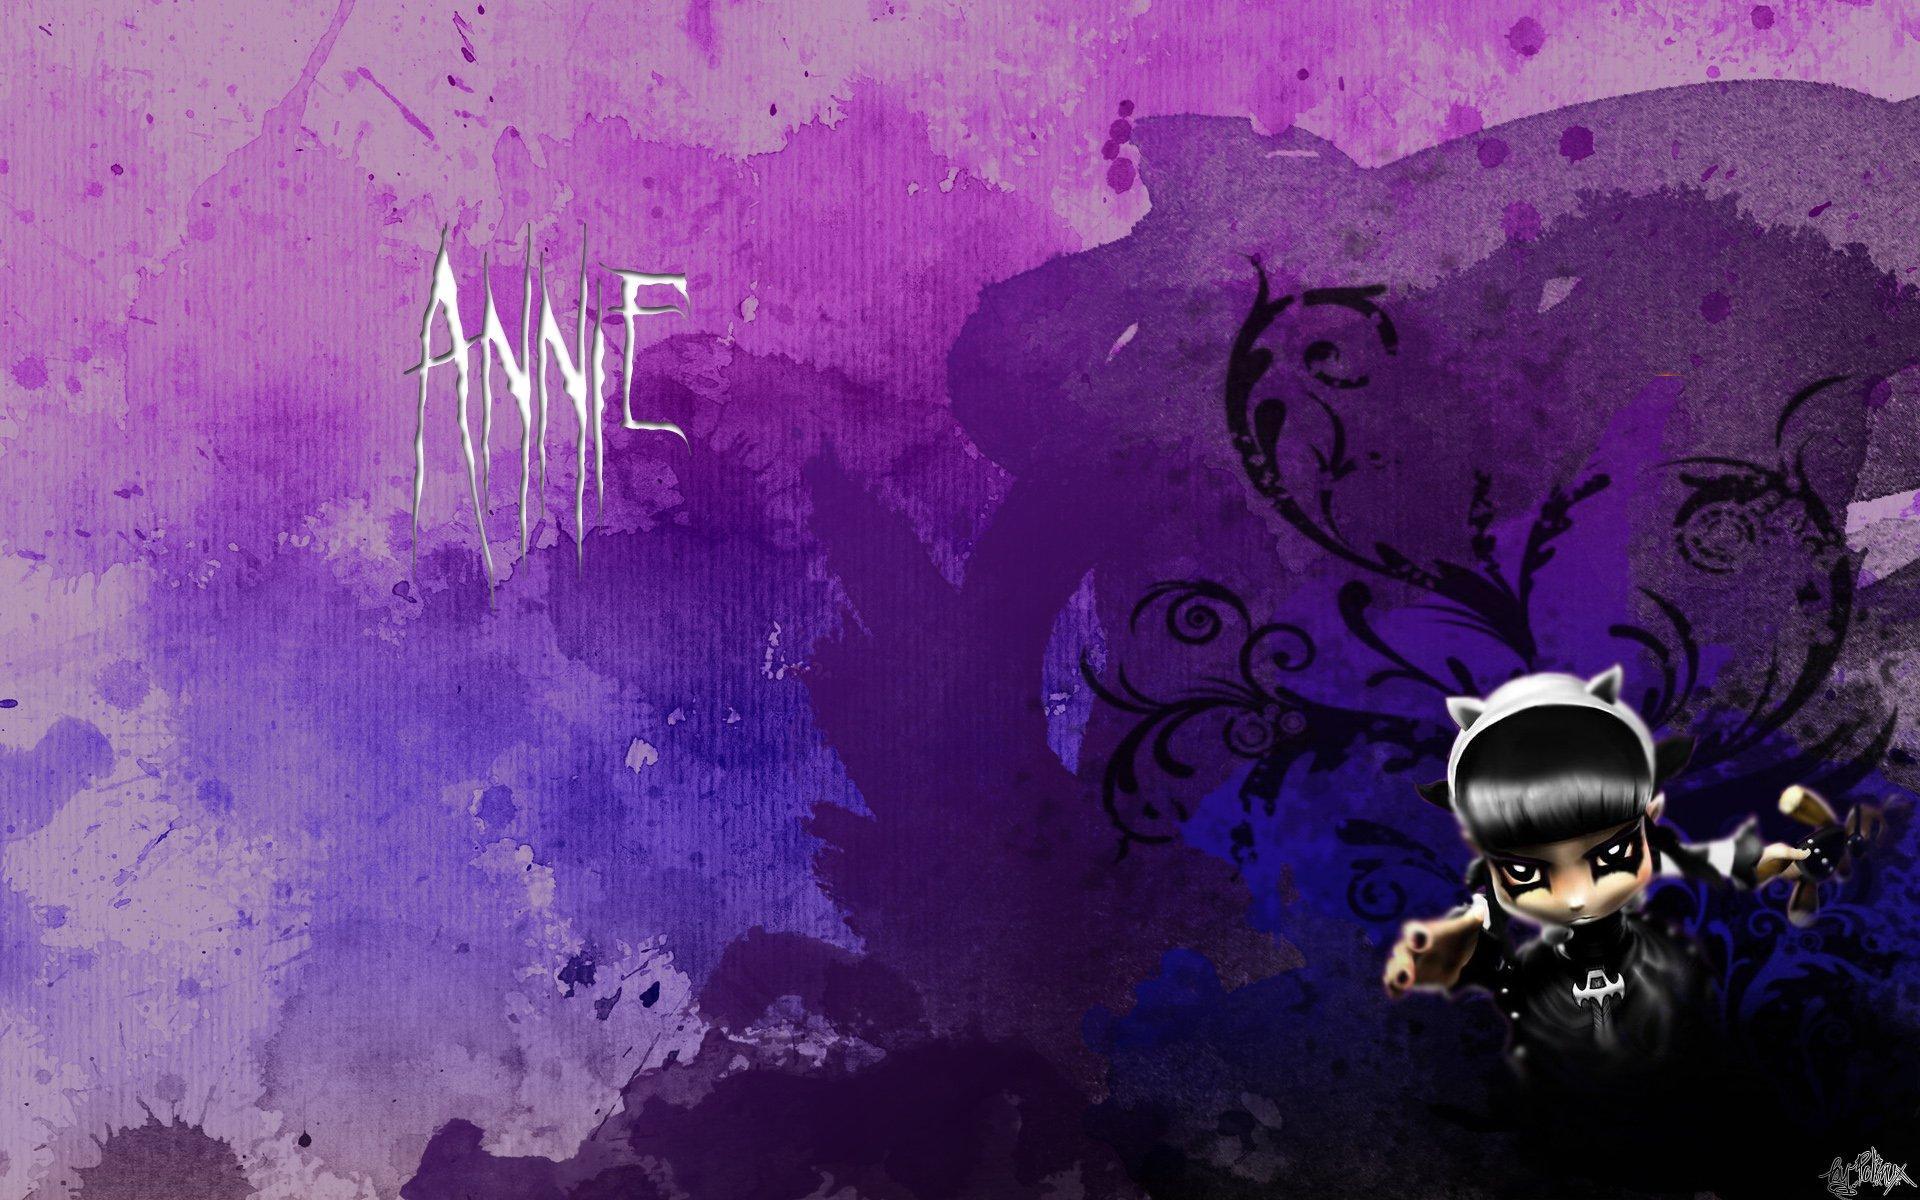 Fonds d'écran Jeux Vidéo League of Legends - Clash of Fates Annie